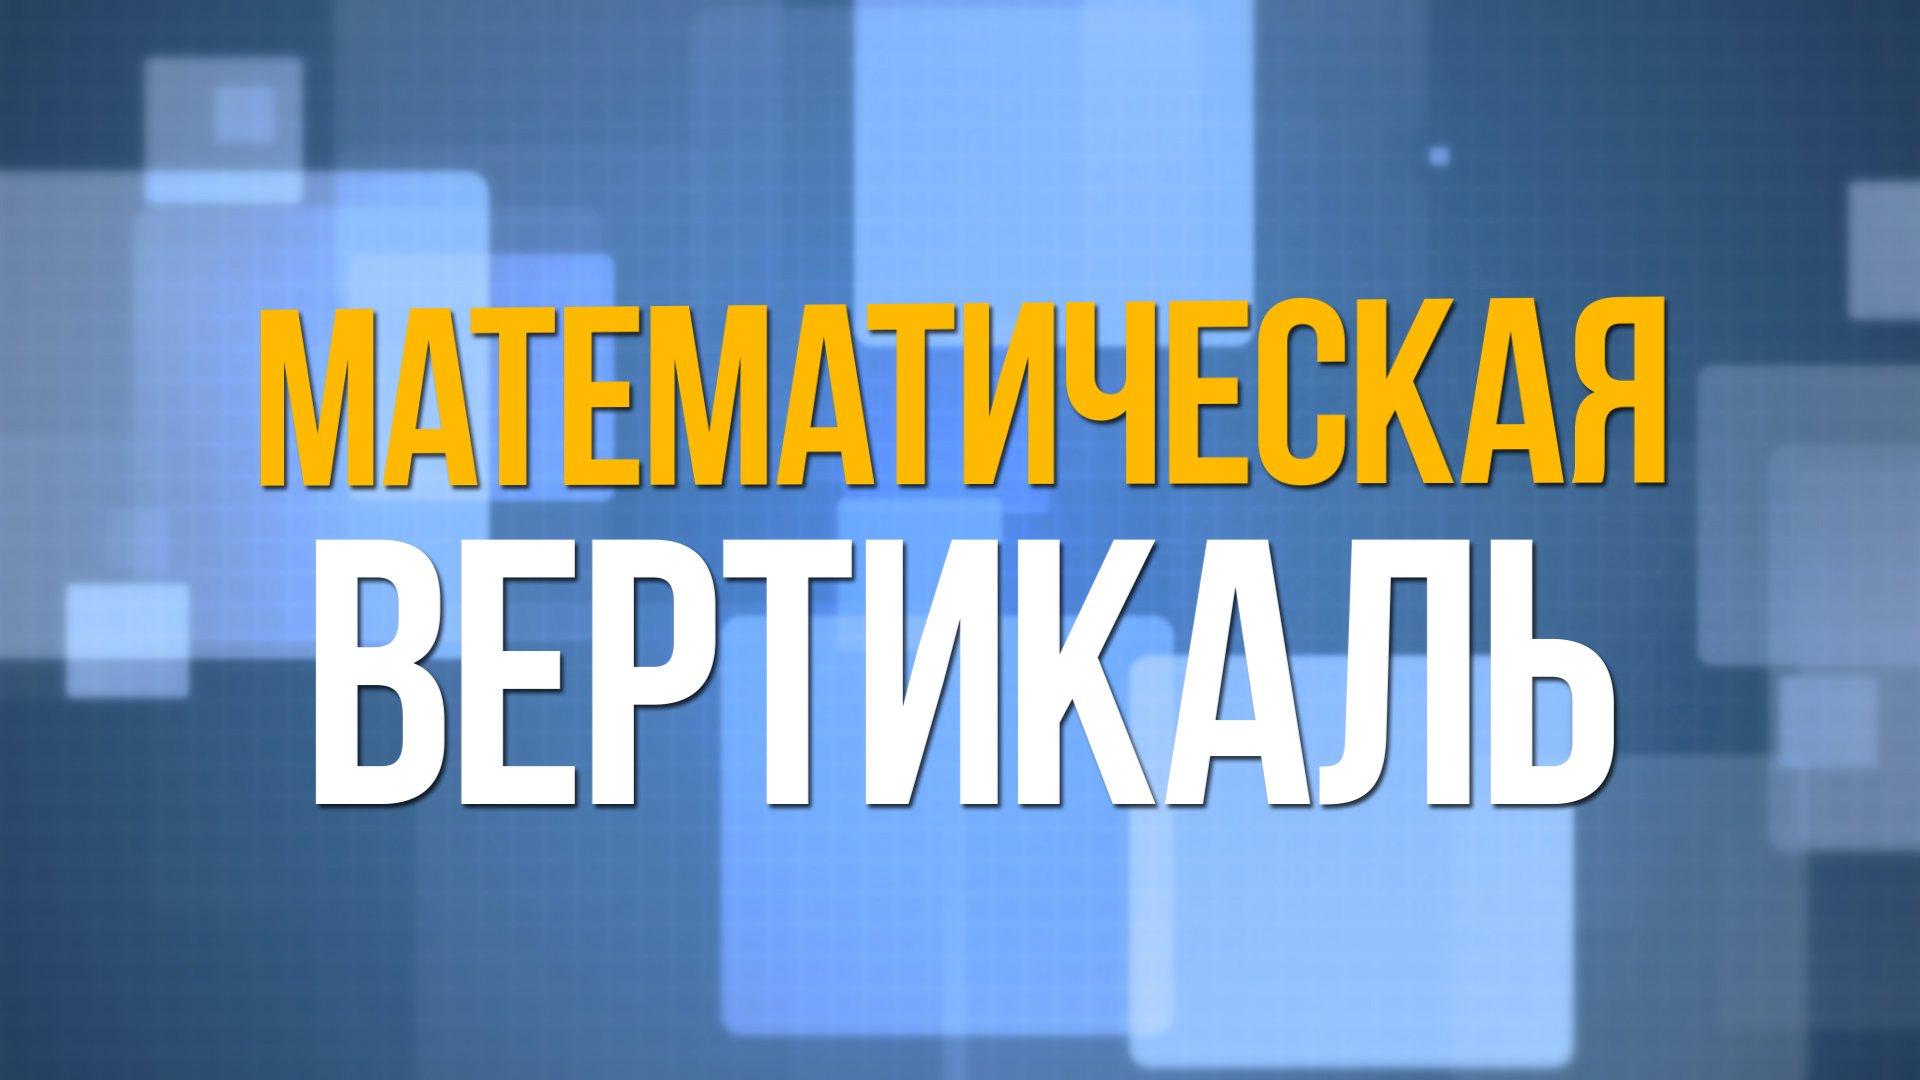 Диагностические работы для 7-8 классов в проекте «Математическая вертикаль» геометрия 07.05.2020